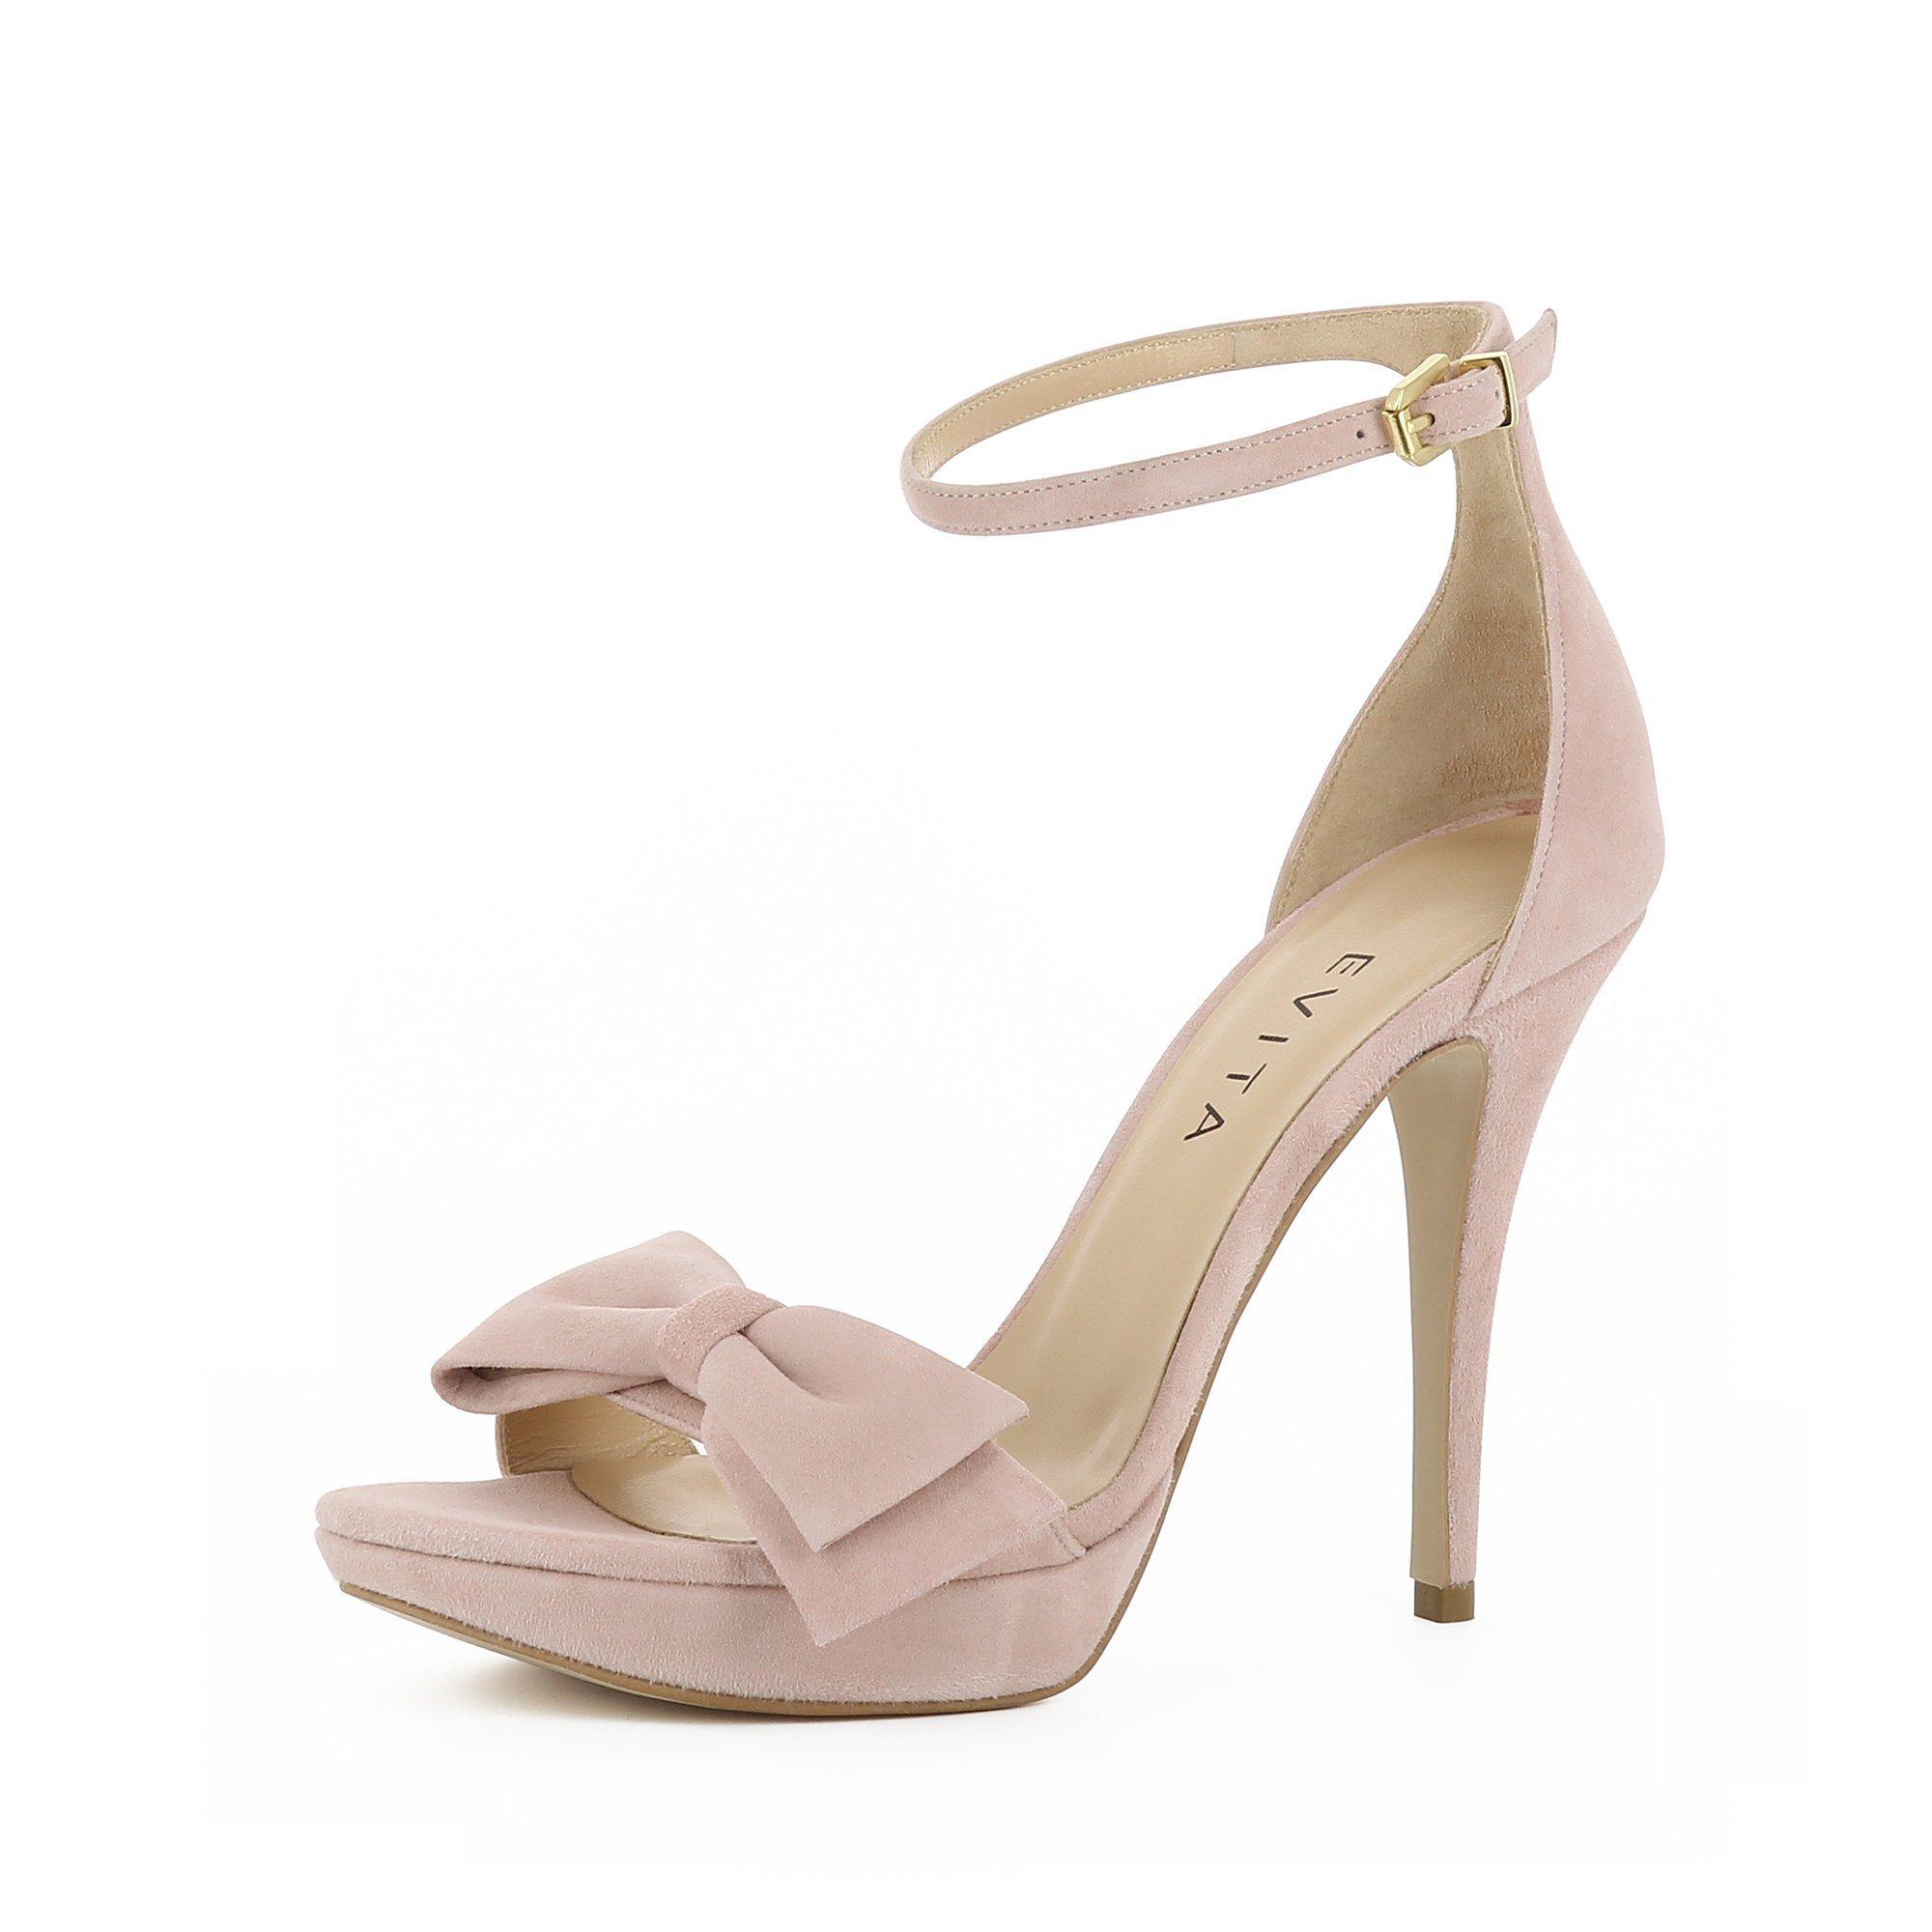 Evita »VALERIA« Sandalette | Schuhe > Sandalen & Zehentrenner > Sandalen | Evita